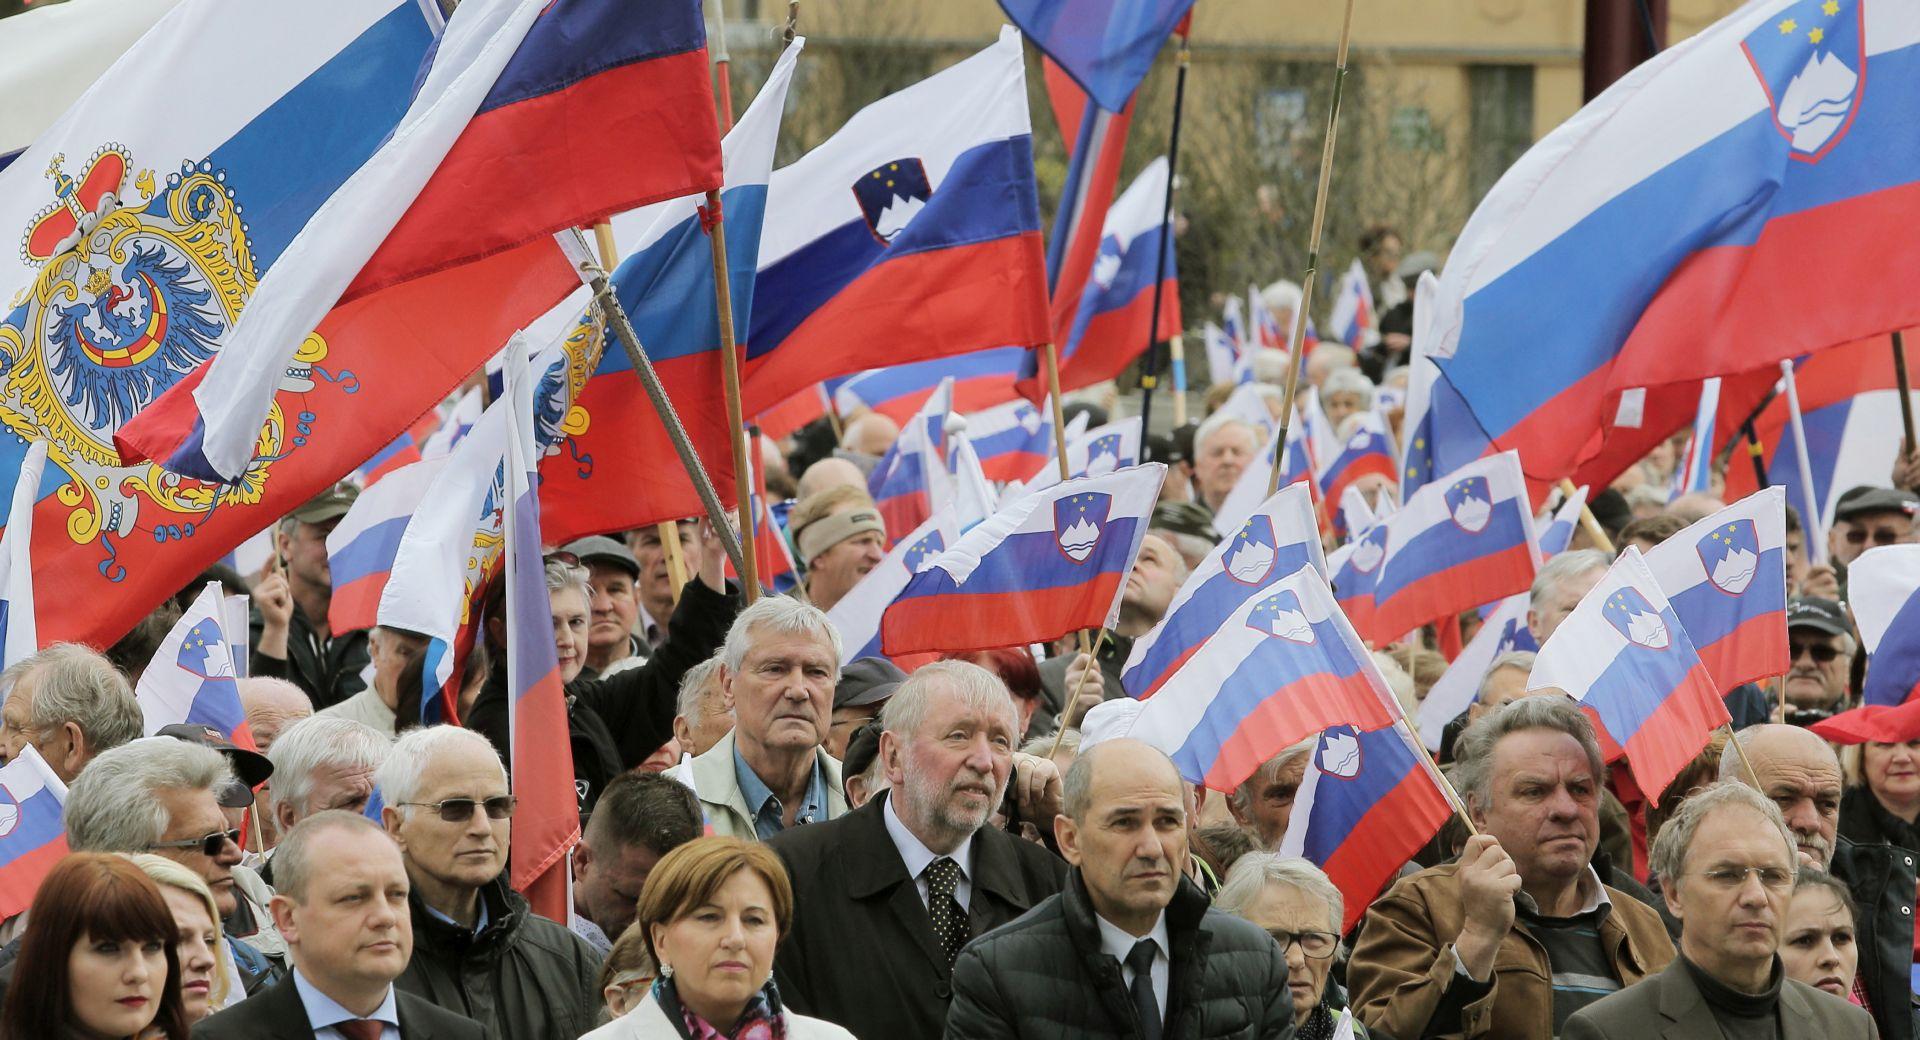 Tisuće u Ljubljani protiv migranata, Cerar optužuje za ksenofobiju